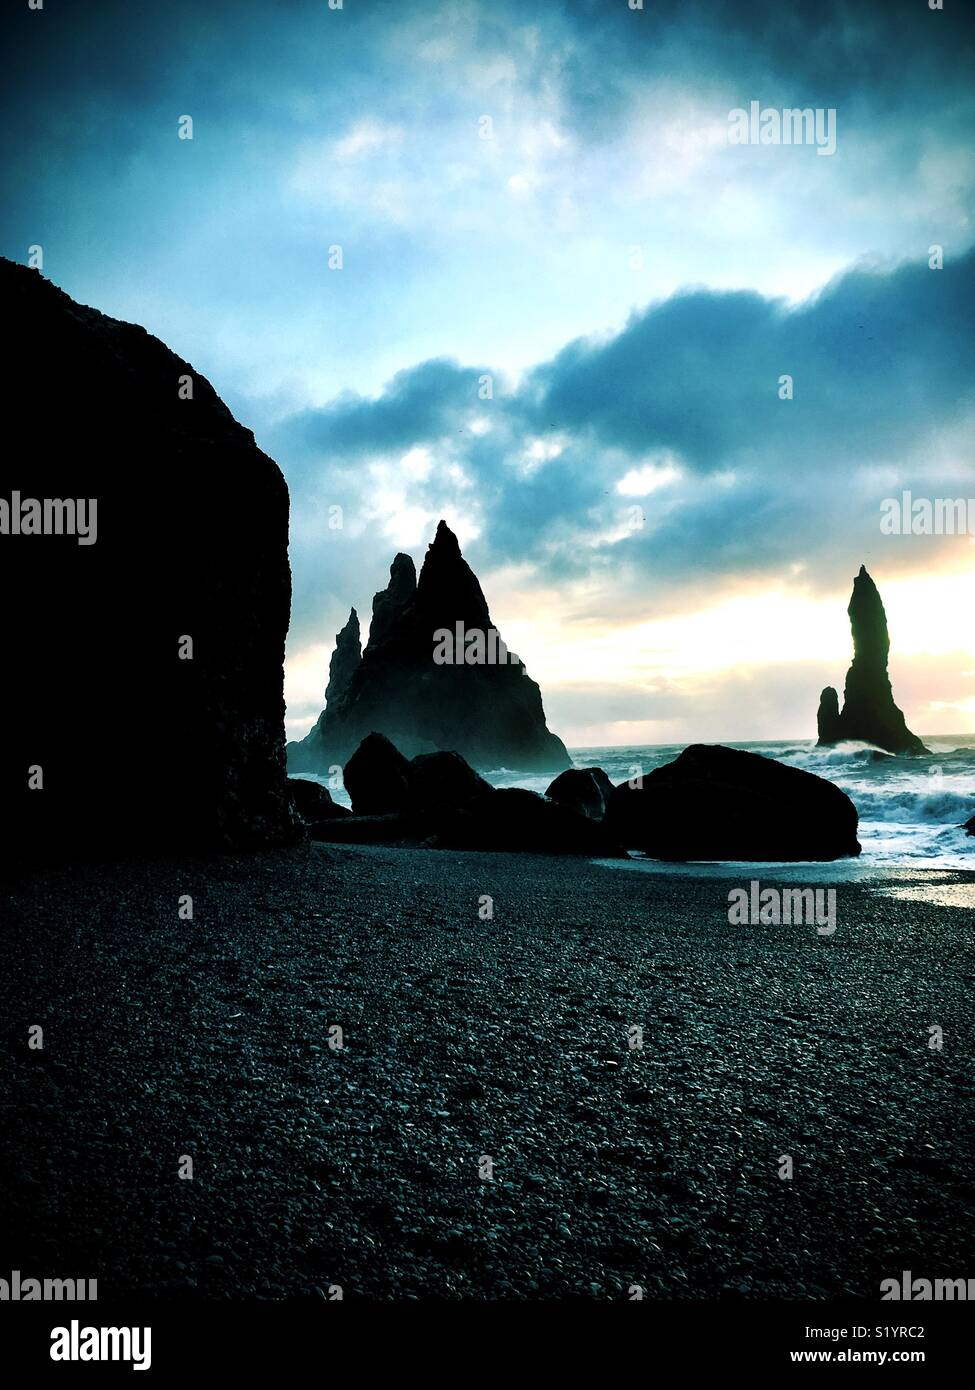 Reynisfjara playa de arena negra, Islandia Imagen De Stock